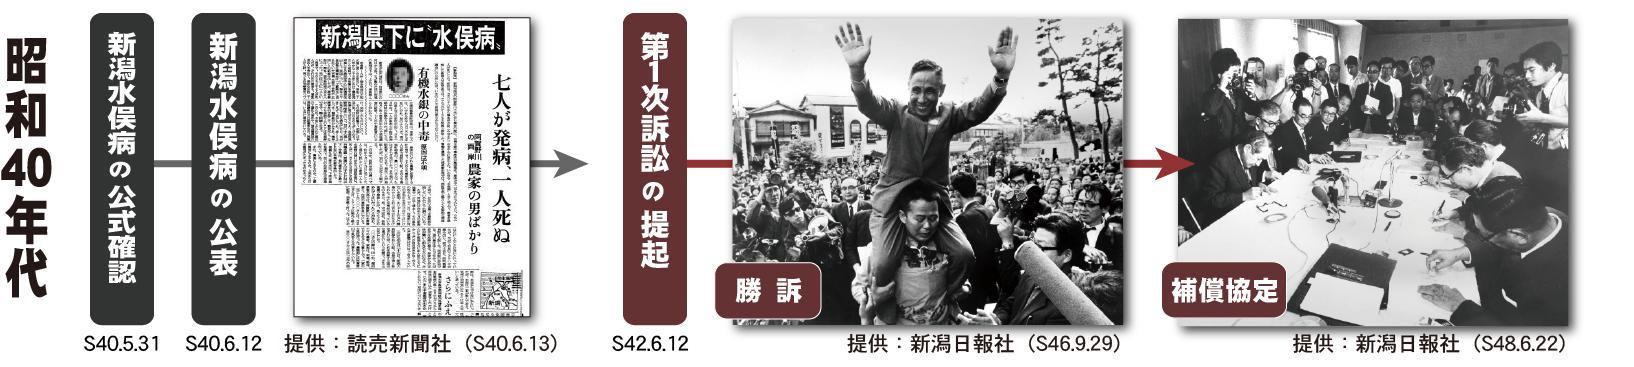 昭和40年代の裁判闘争 ~ 新潟水俣病・第1次訴訟